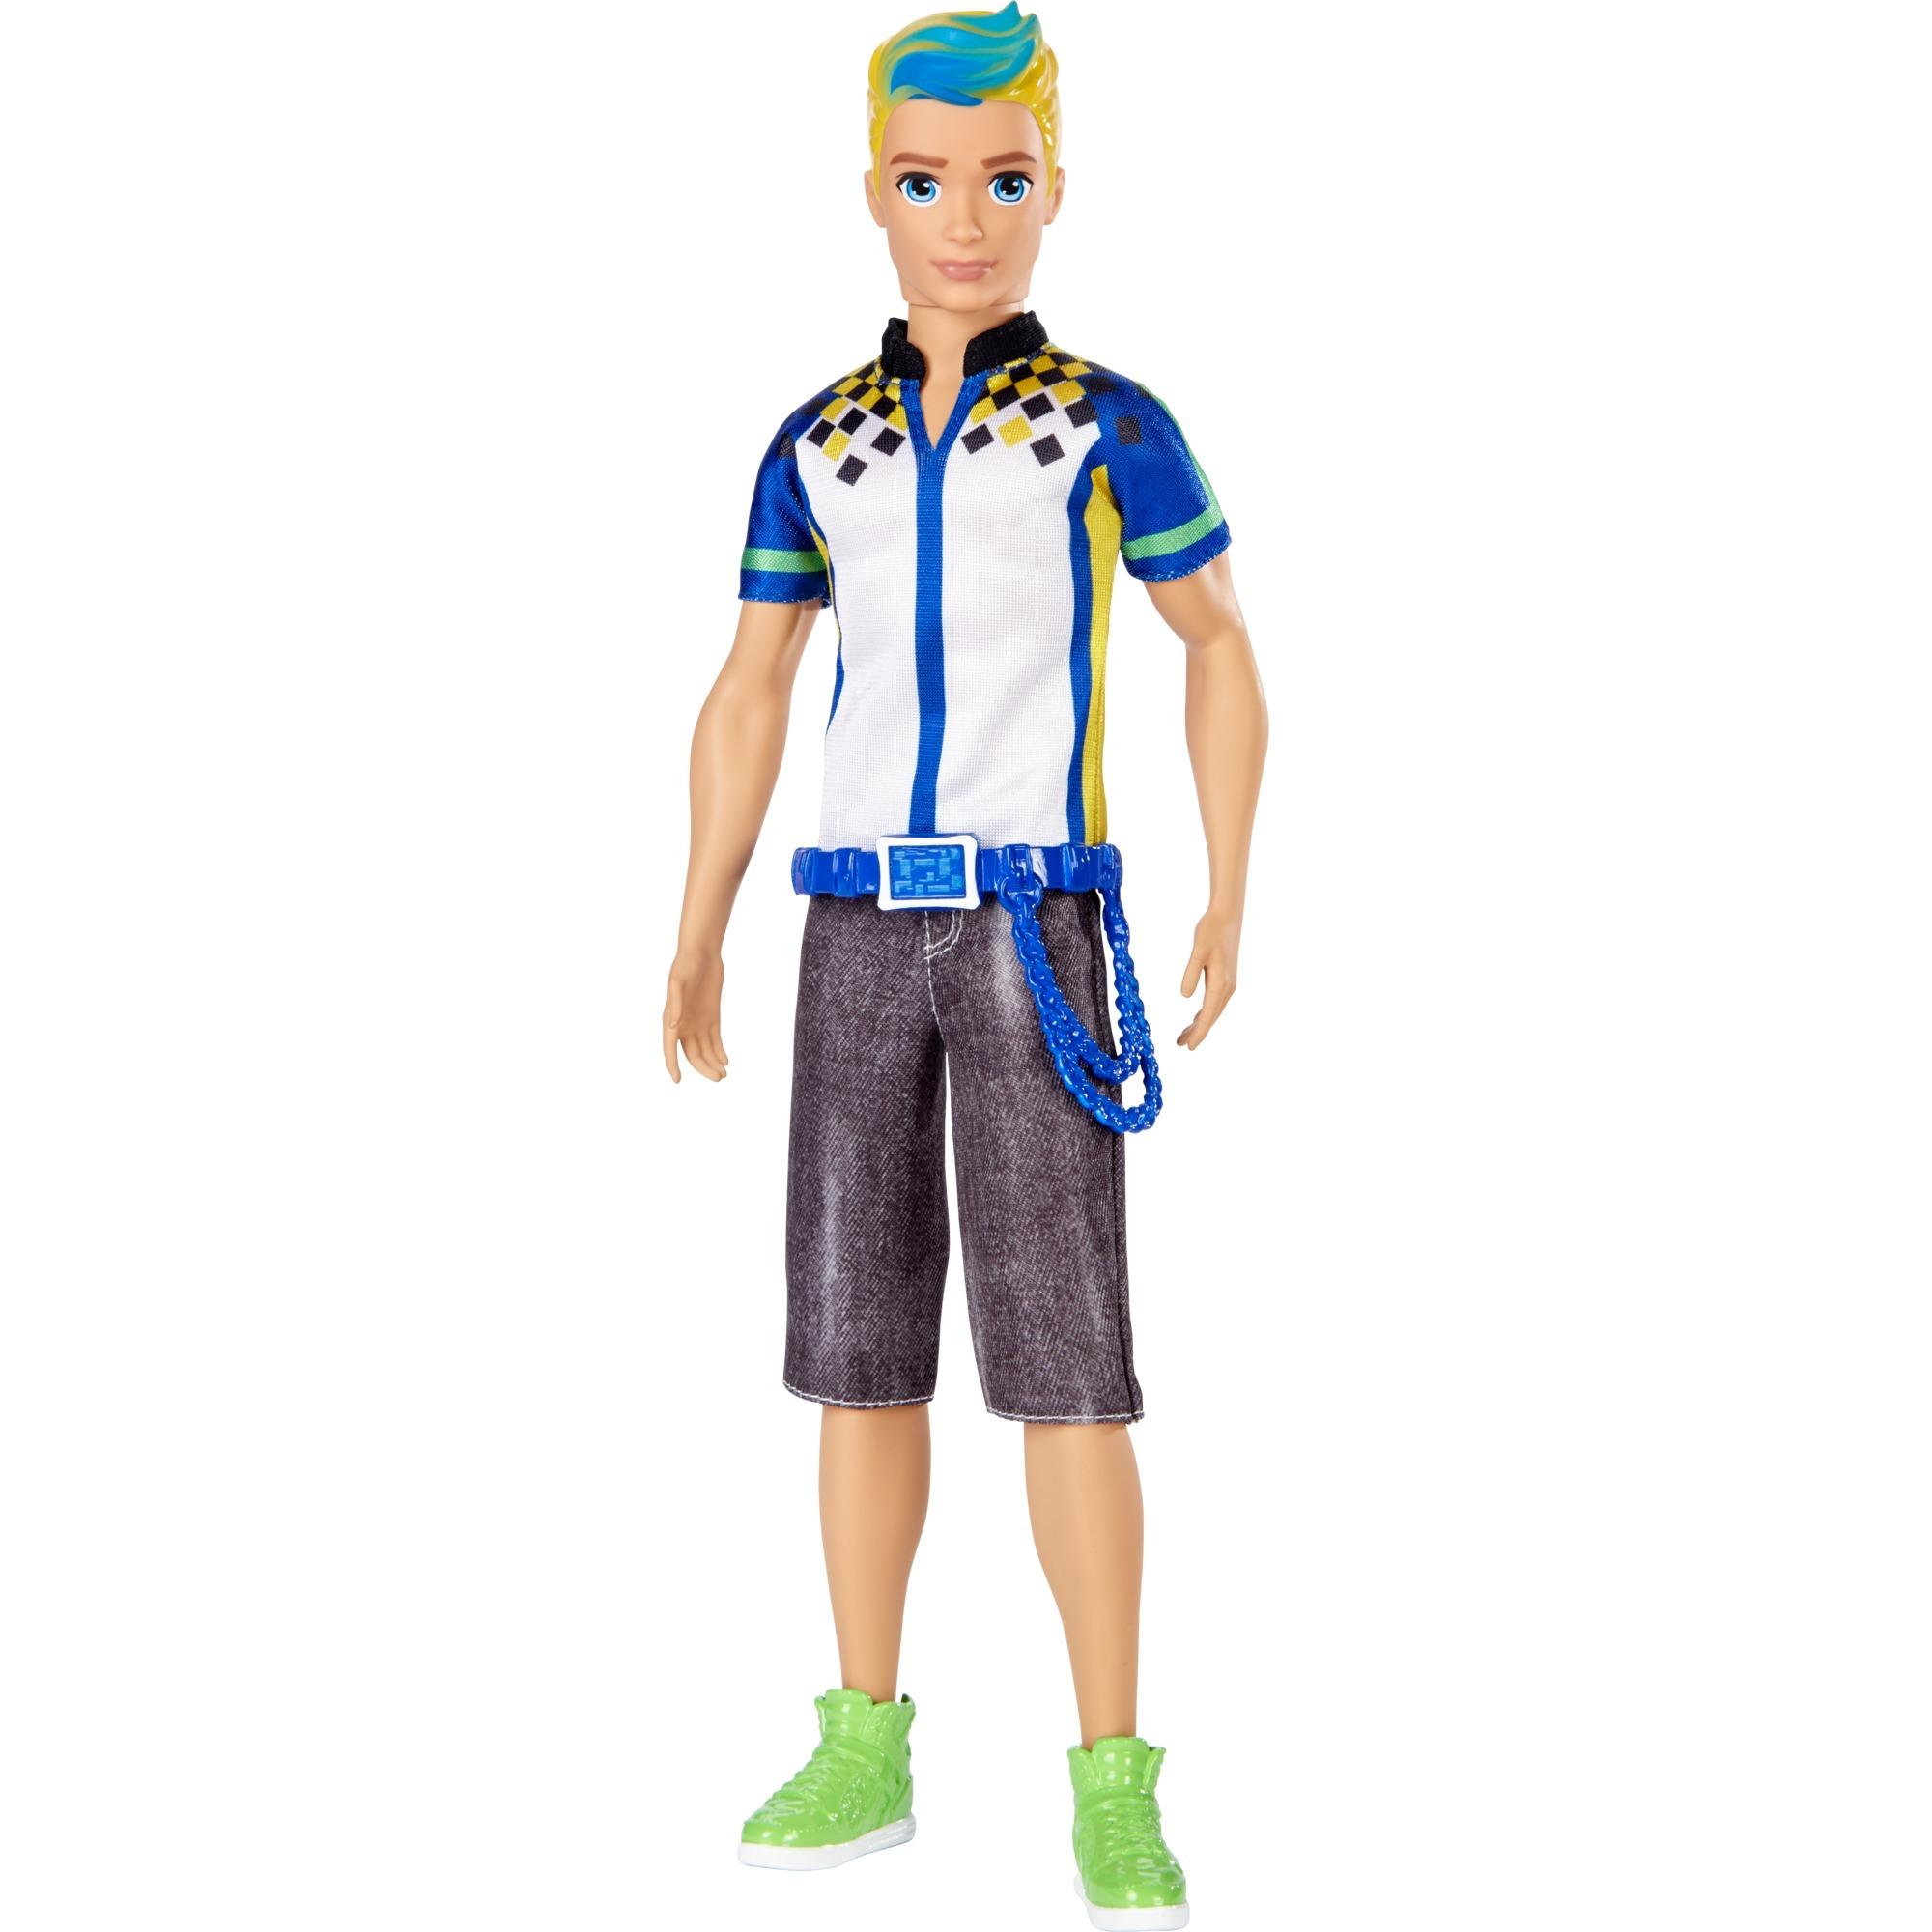 barbie-dtw09-videospil-helten-ken-dukke